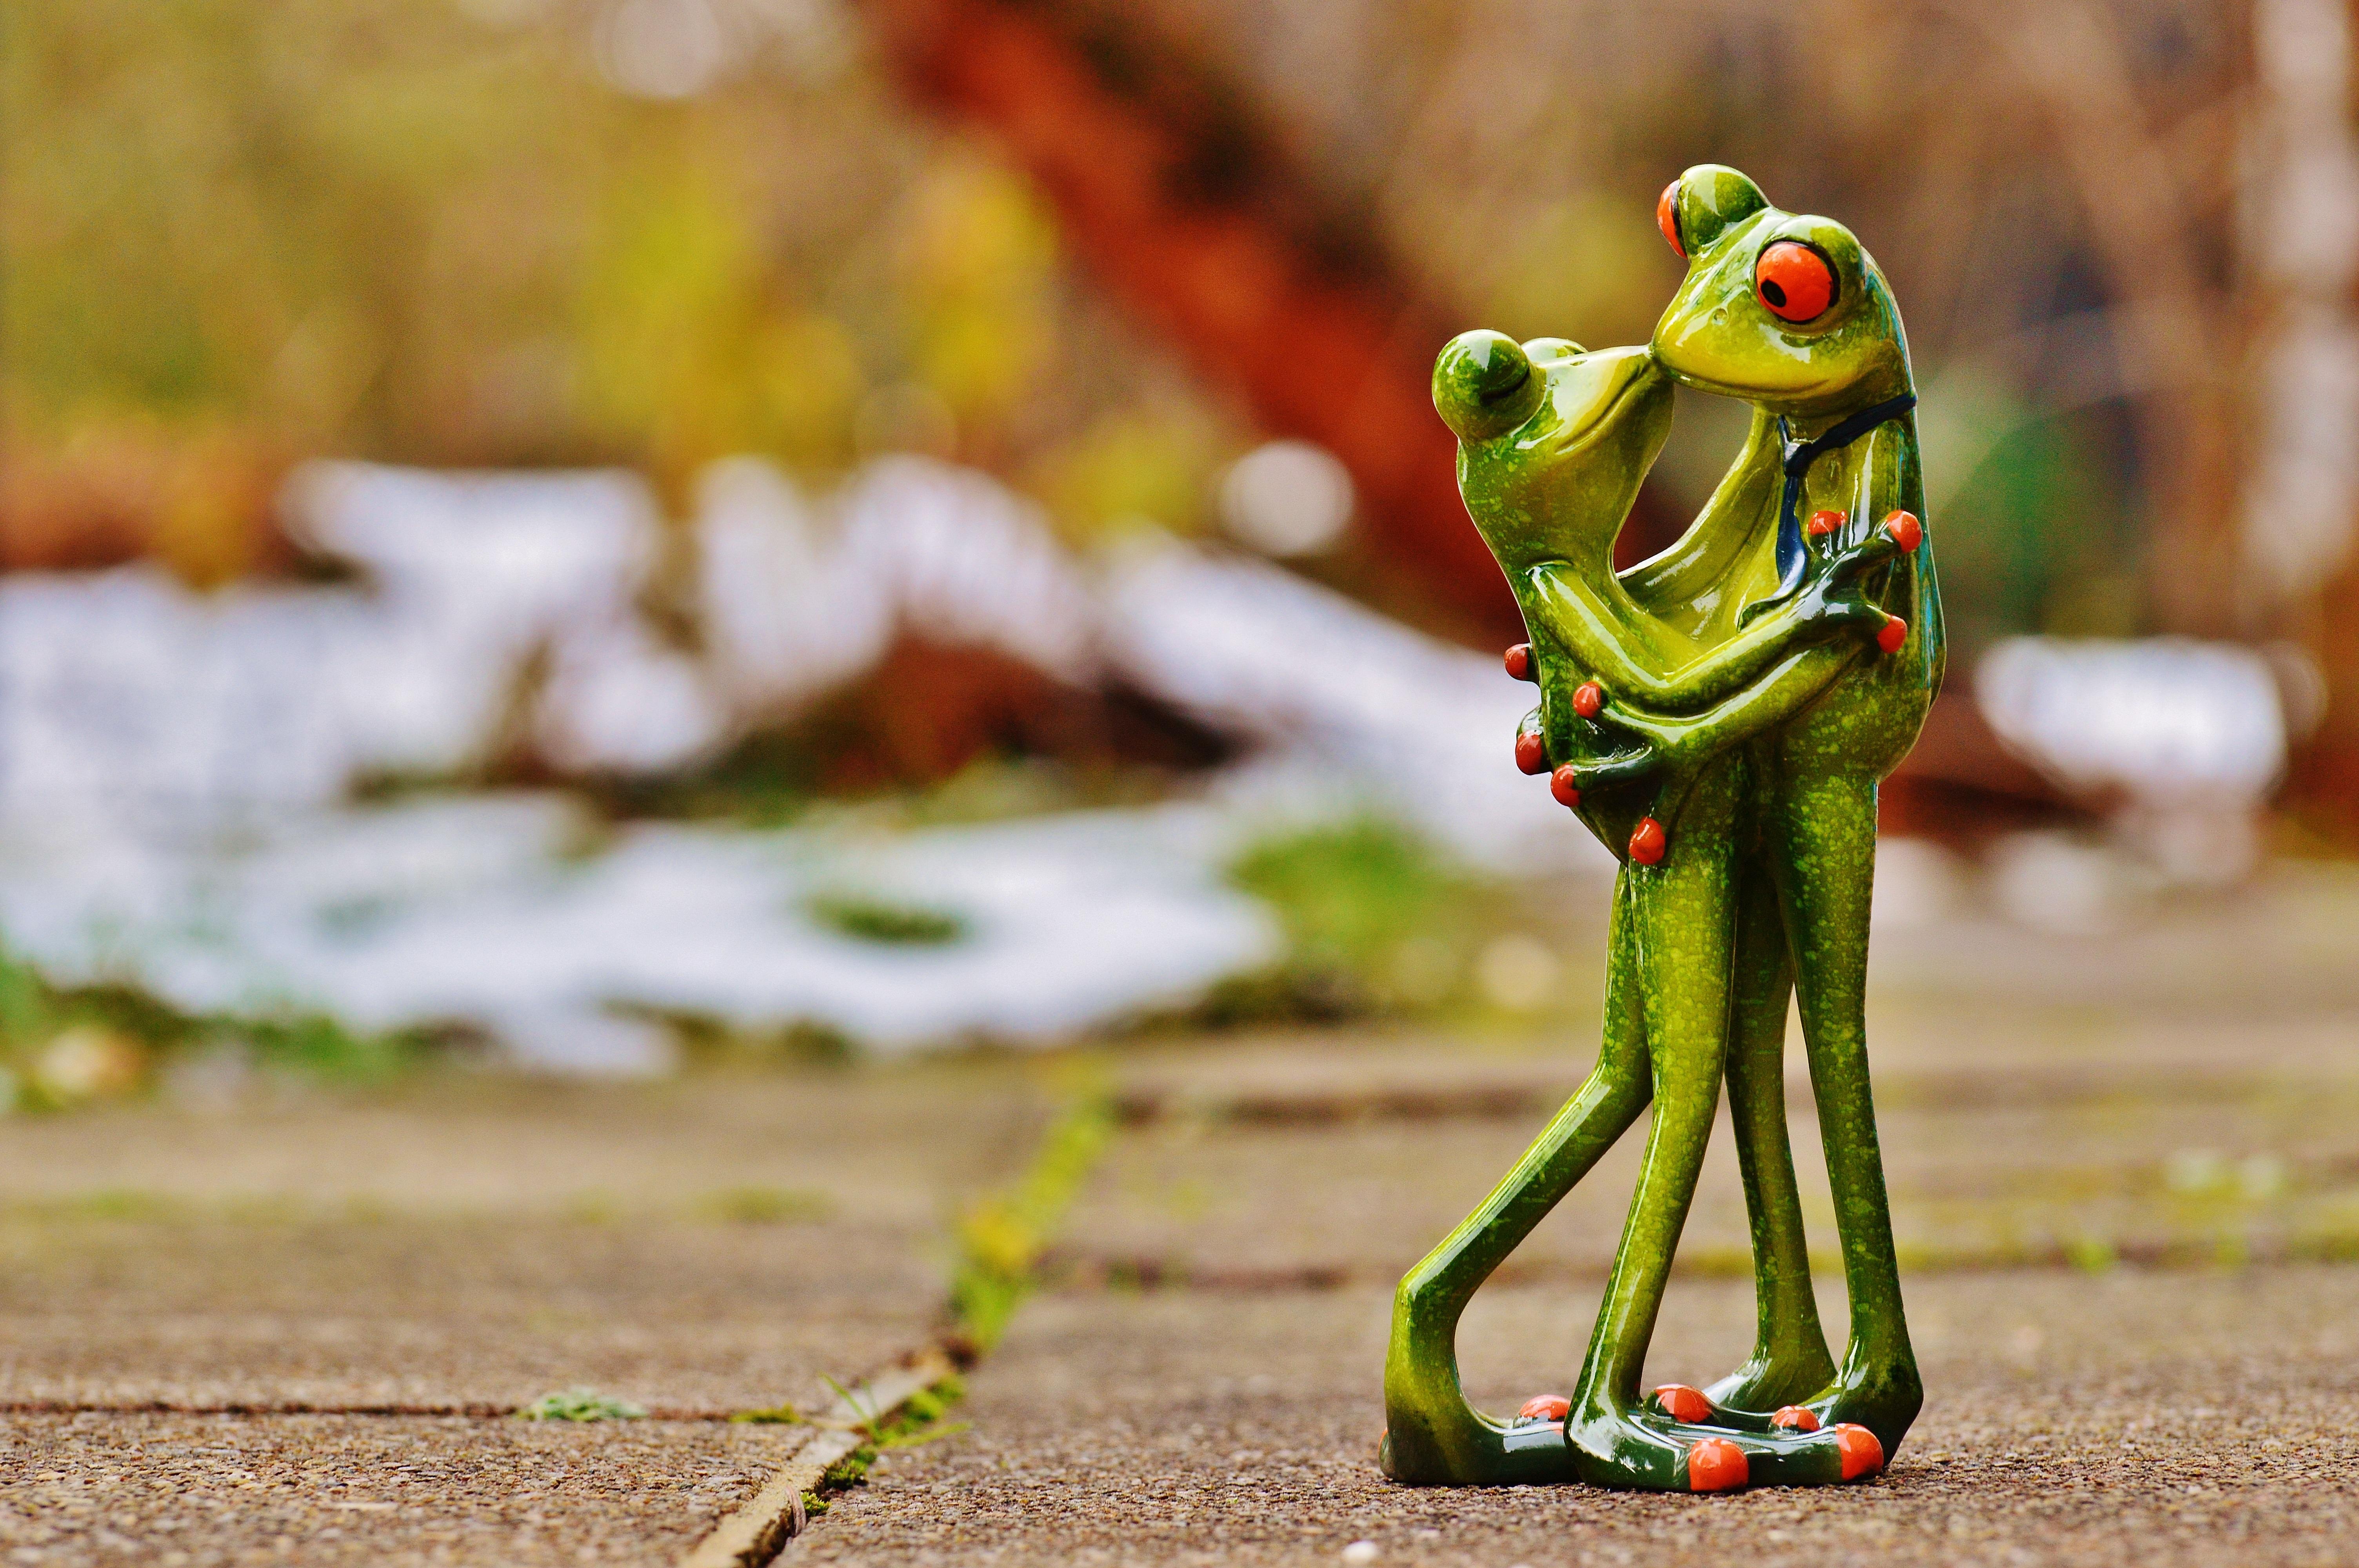 картинки поцеловала жабу сообщили республиканские